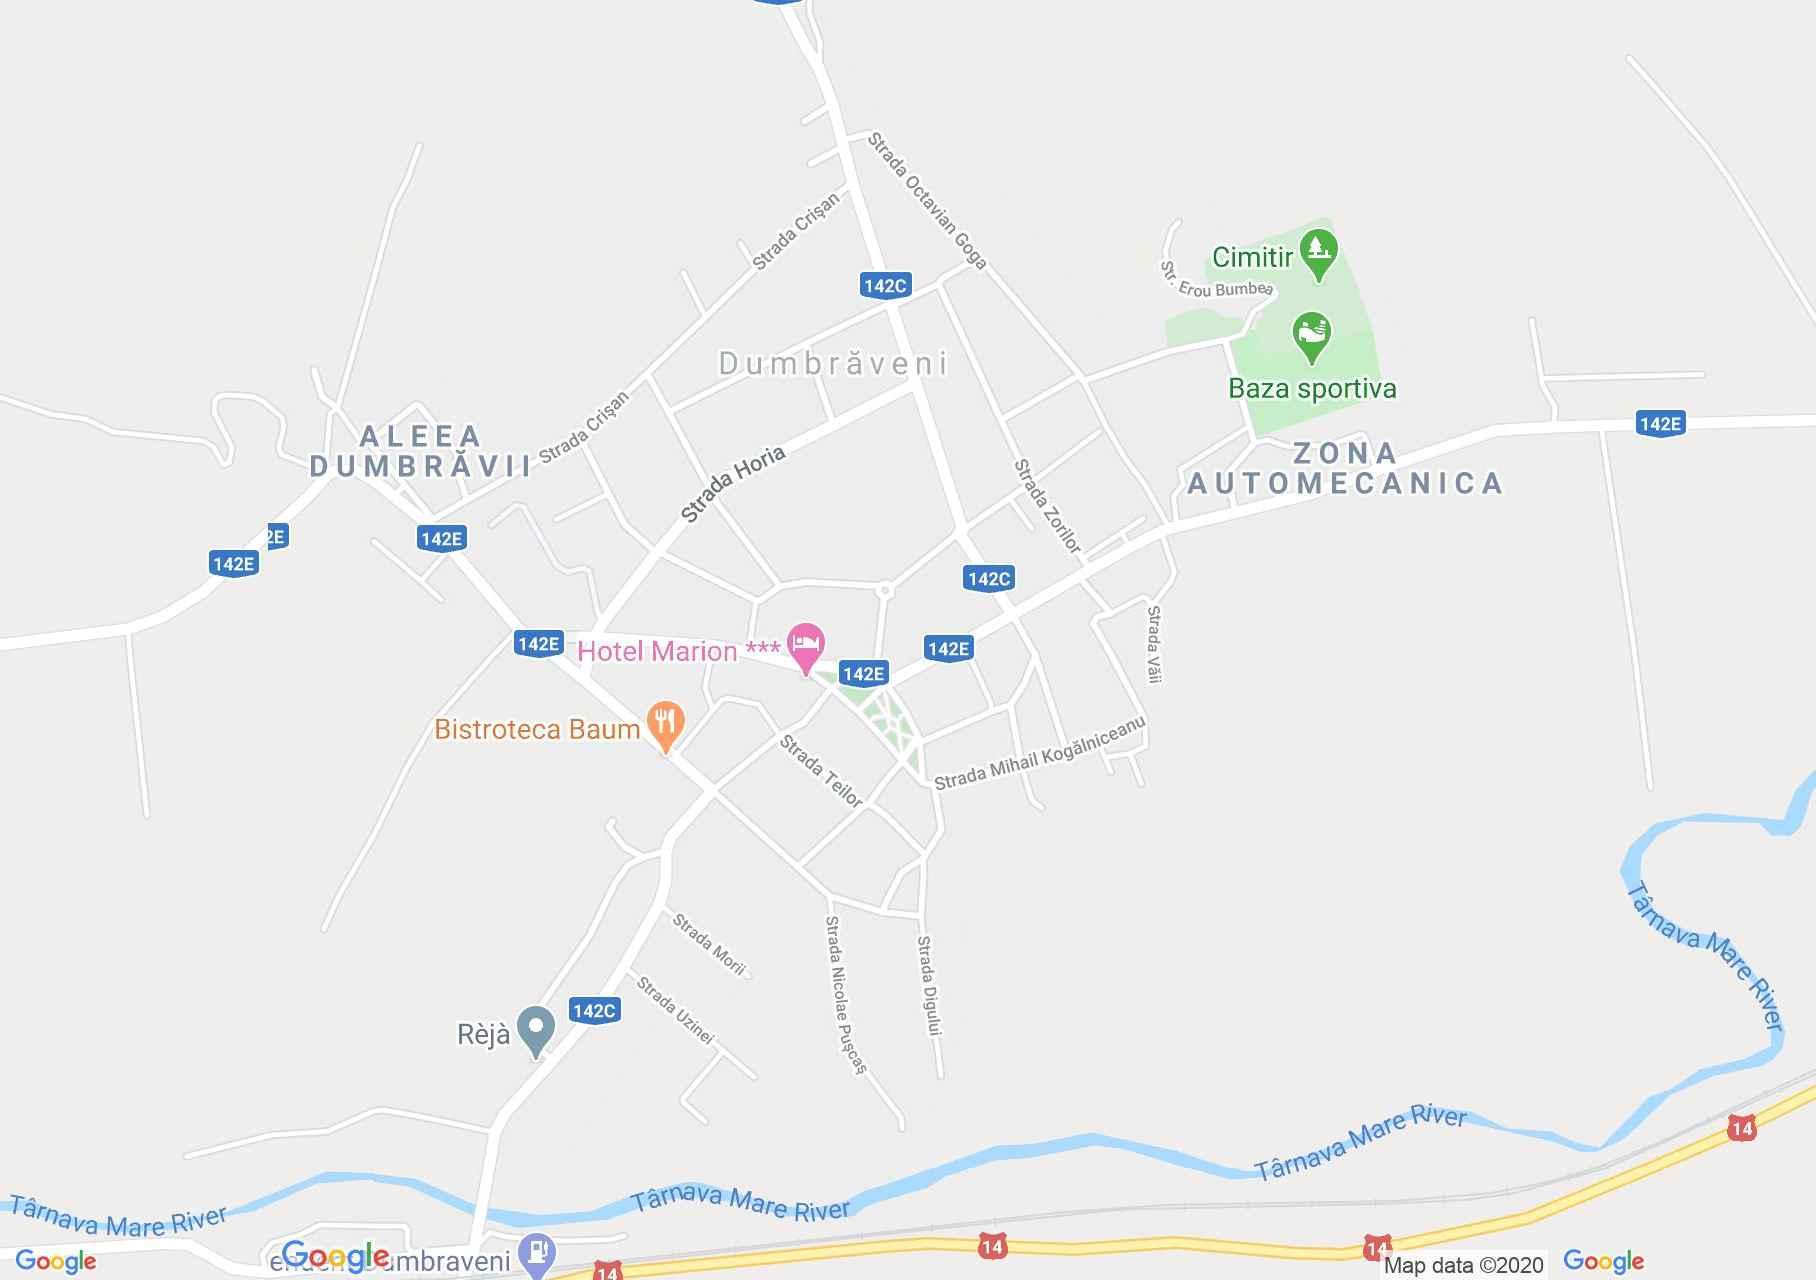 Erzsébetváros interaktív turista térképe.